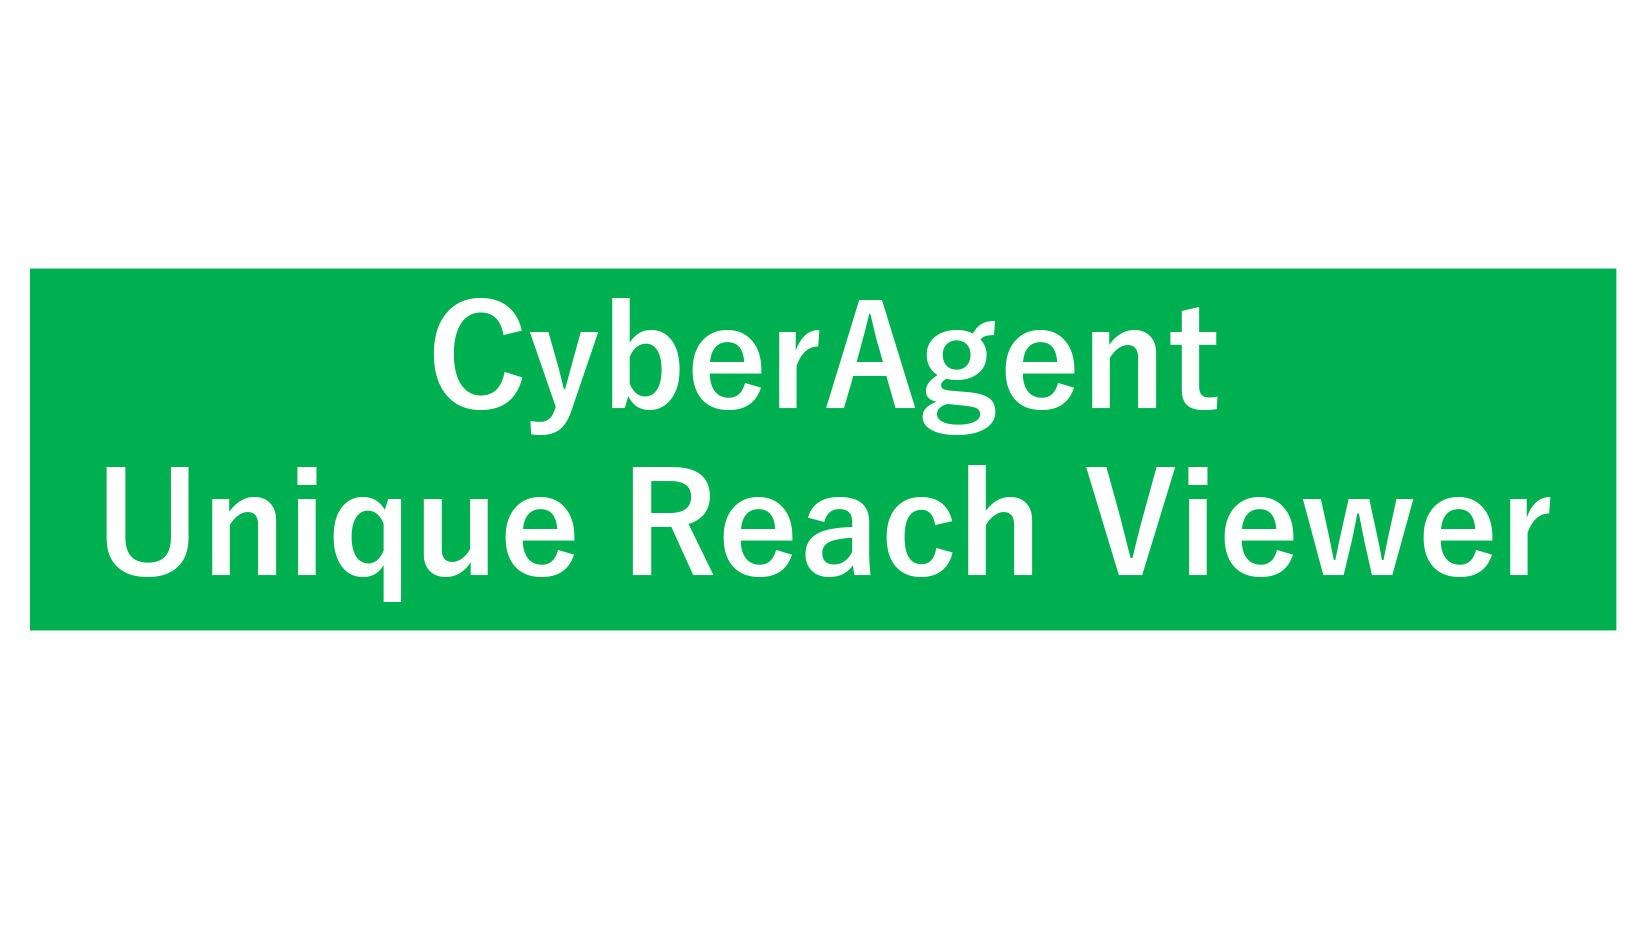 CyberAgent Unique Reach Viewer